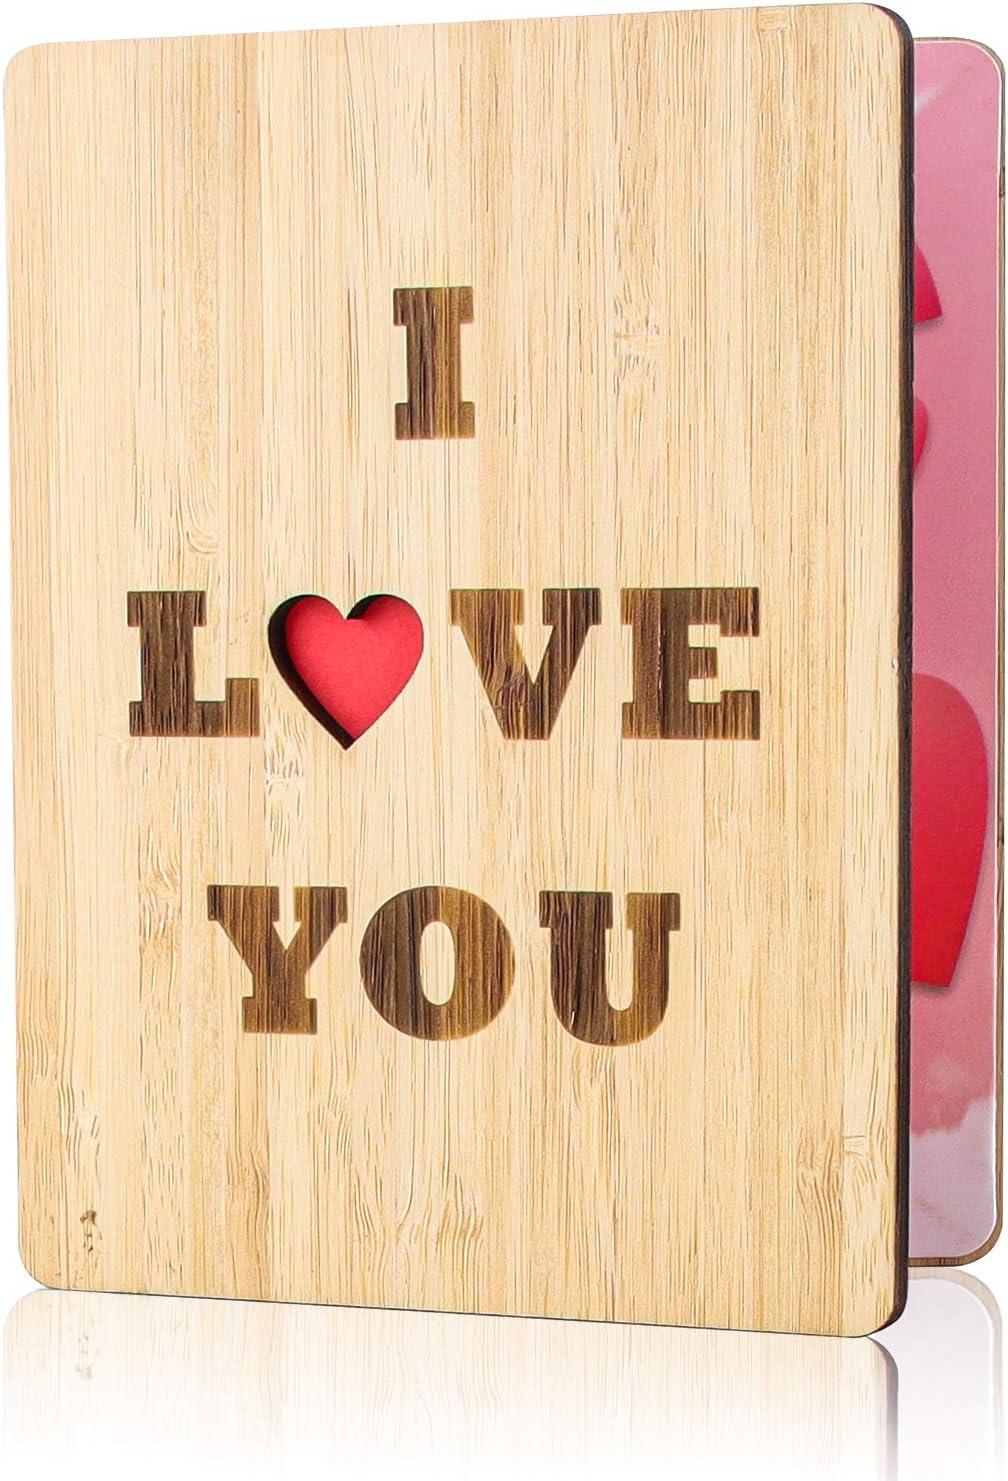 Tarjeta de Felicitación de Madera, Tarjeta de Felicitación, Tarjeta Felicitacion Hecha a Mano, con Sobres, las Mejores Ideas para Regalos para Cumpleaños, Bodas, san Valentín y Aniversarios (Amor)